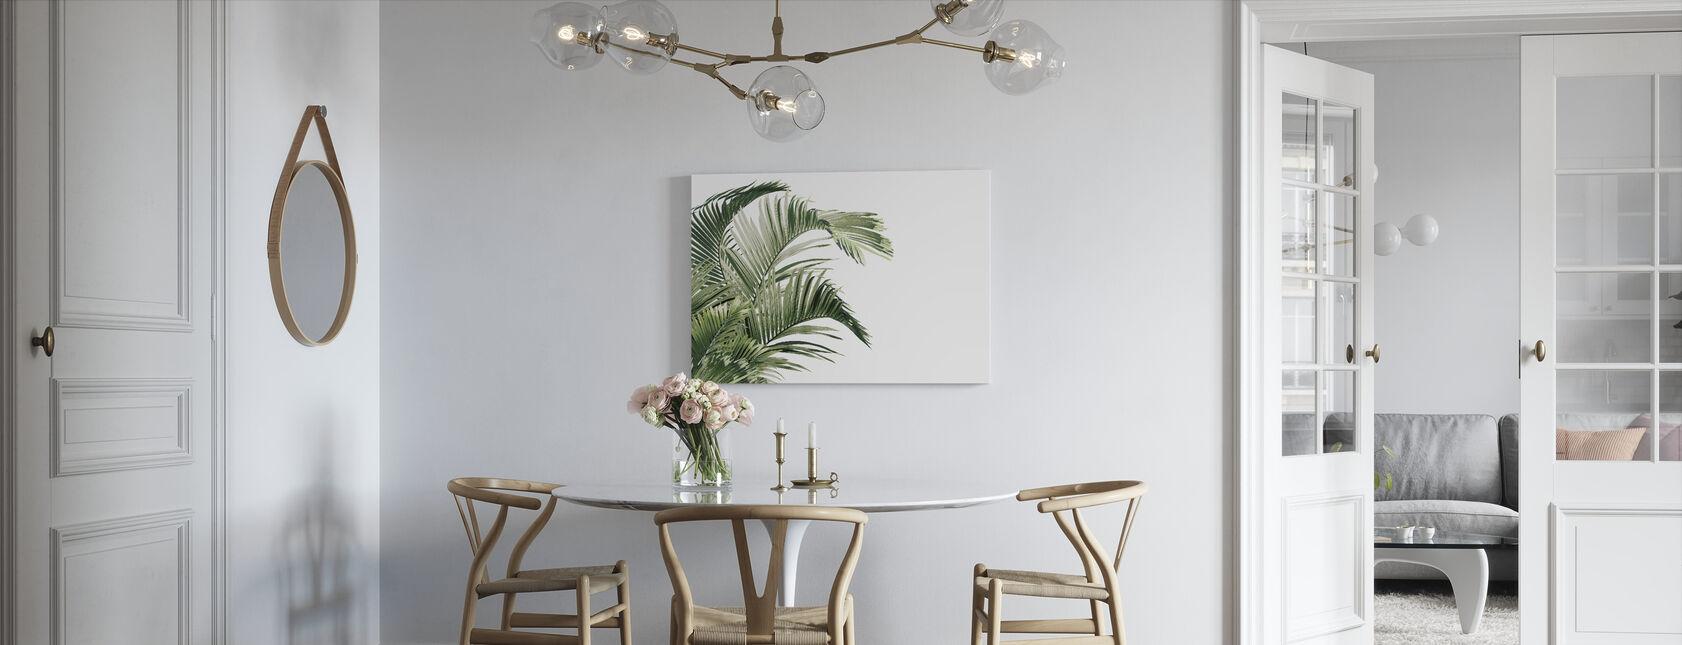 Stykke av Paradis - Viridescent - Lerretsbilde - Kjøkken